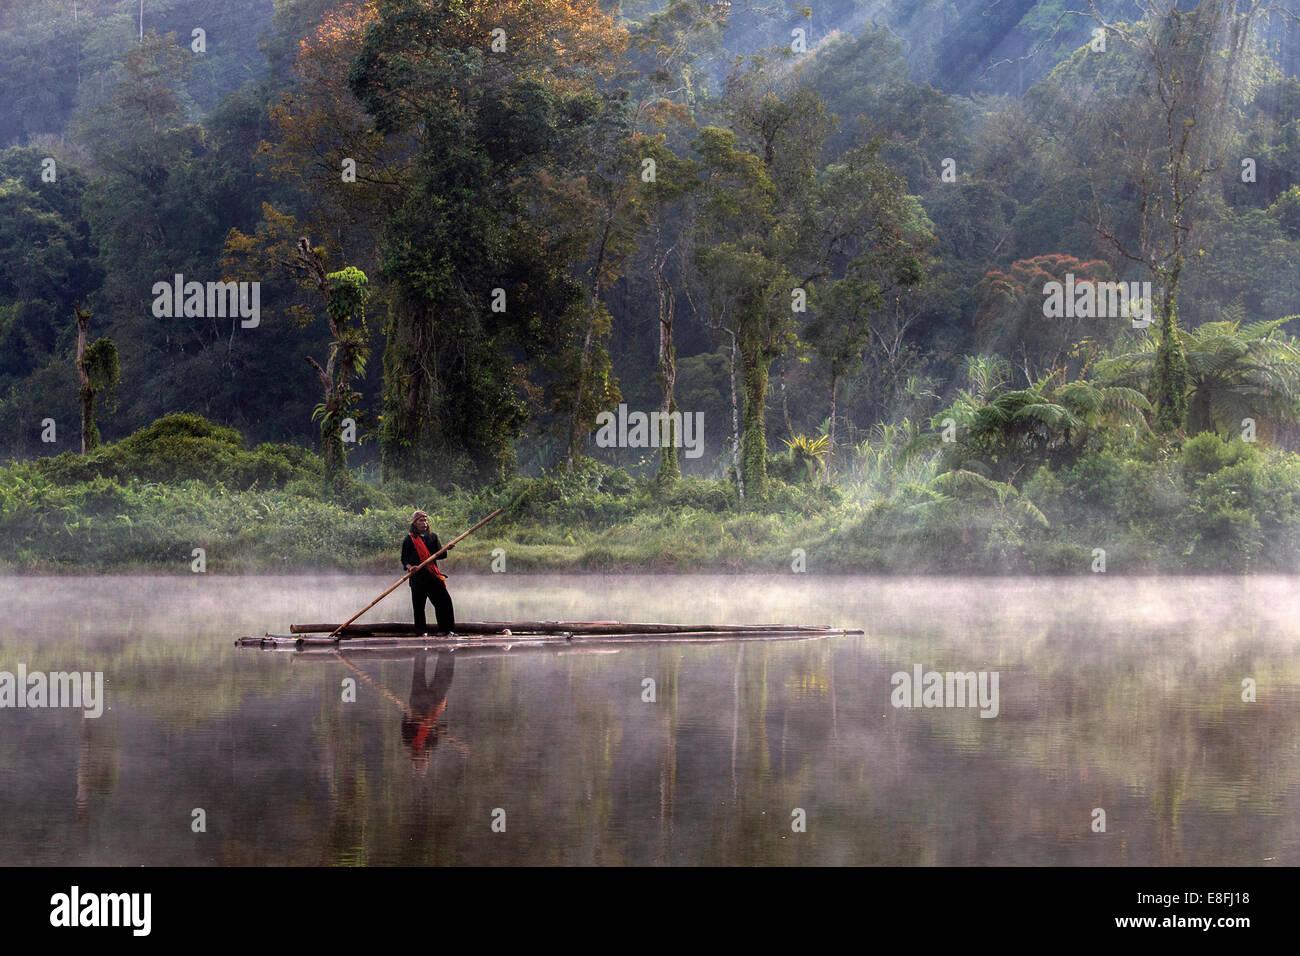 Indonesia, West Java, Karawang, Situ Gunung, Fishermen - Stock Image